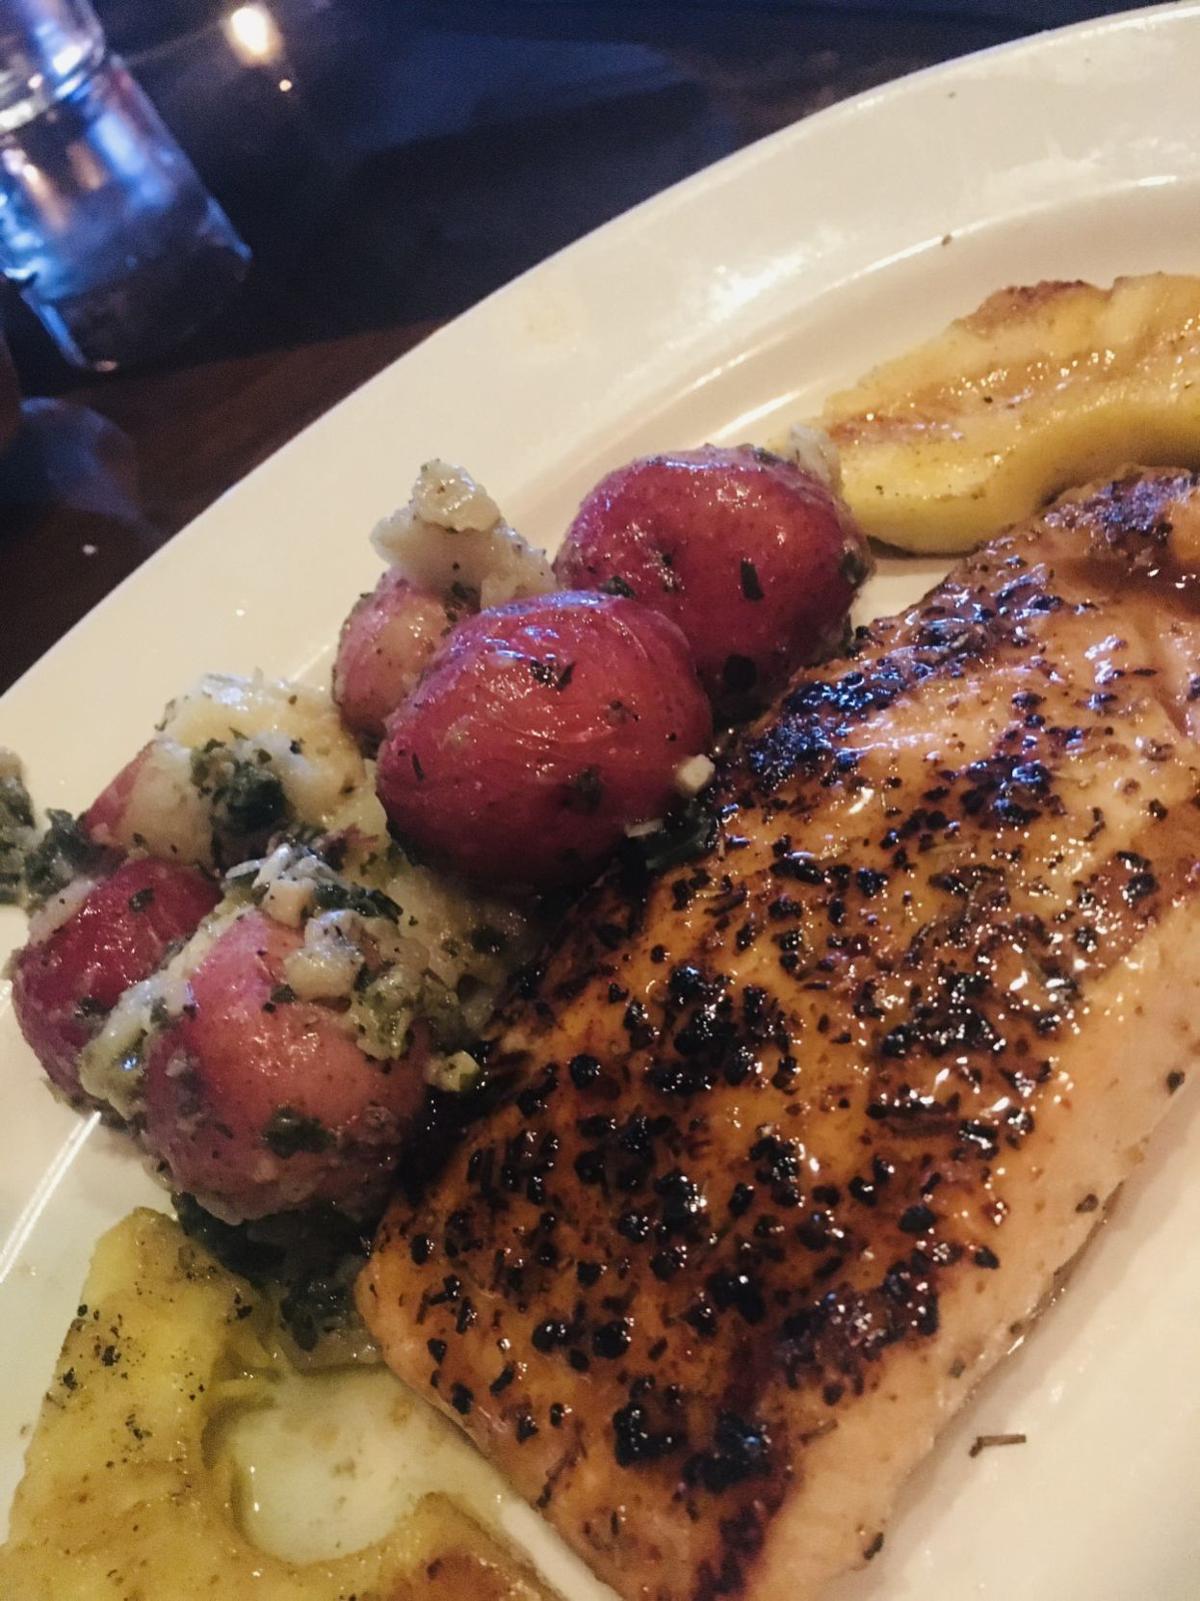 20200304-gm-food-guy-bourbon-glazed salmon w kale pesto red potatoes.jpg